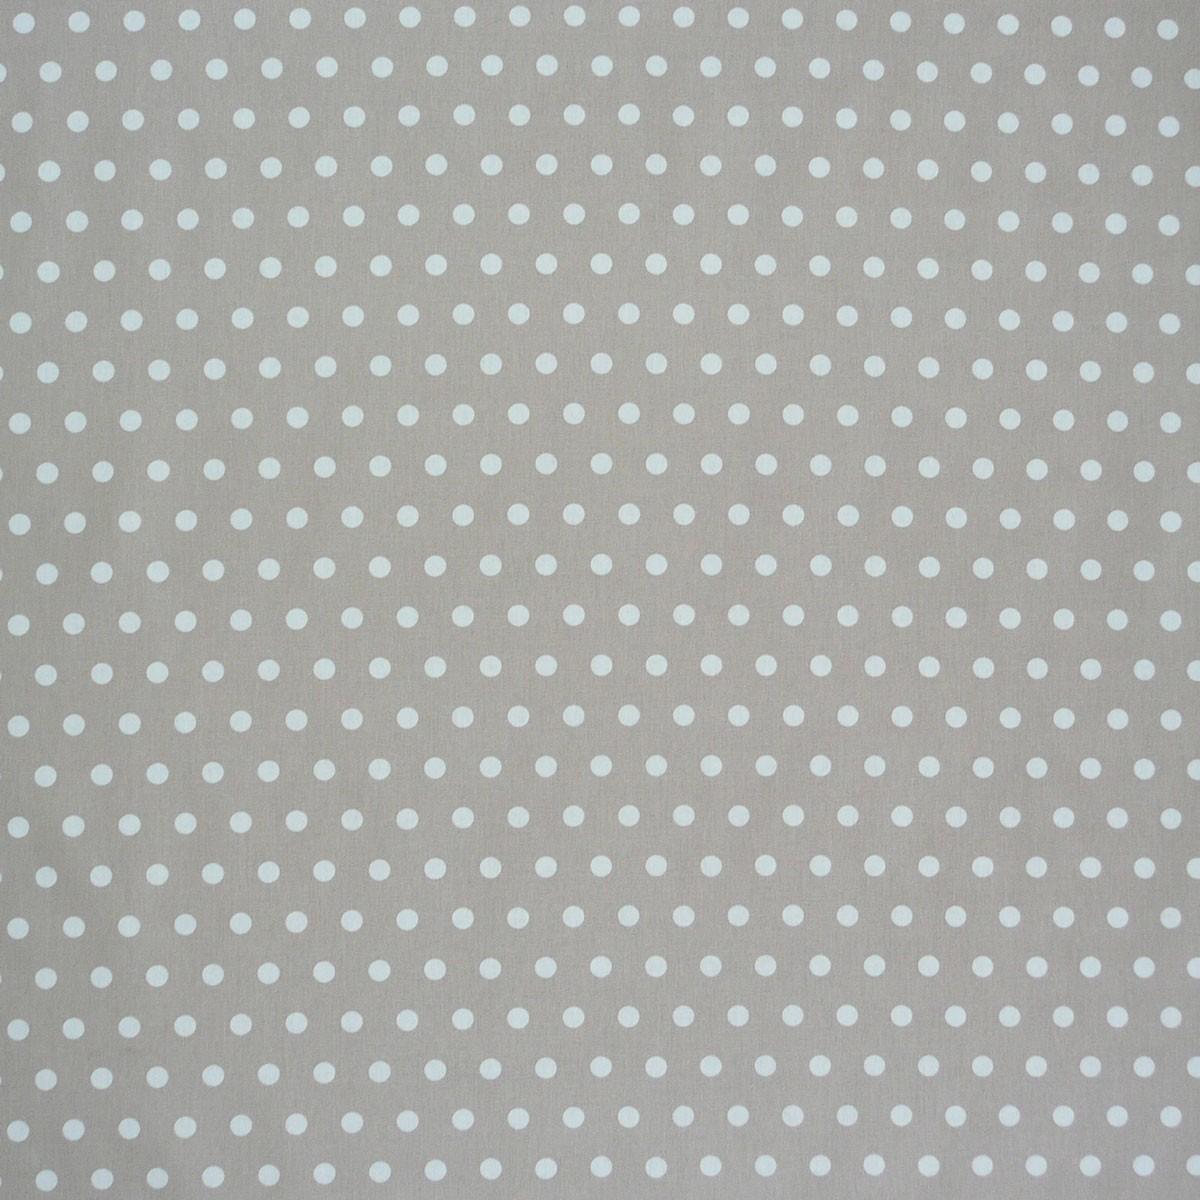 tischdeckenstoff wachstuch beschichtete baumwolle beige punkte wei stoffe stoffe gemustert. Black Bedroom Furniture Sets. Home Design Ideas